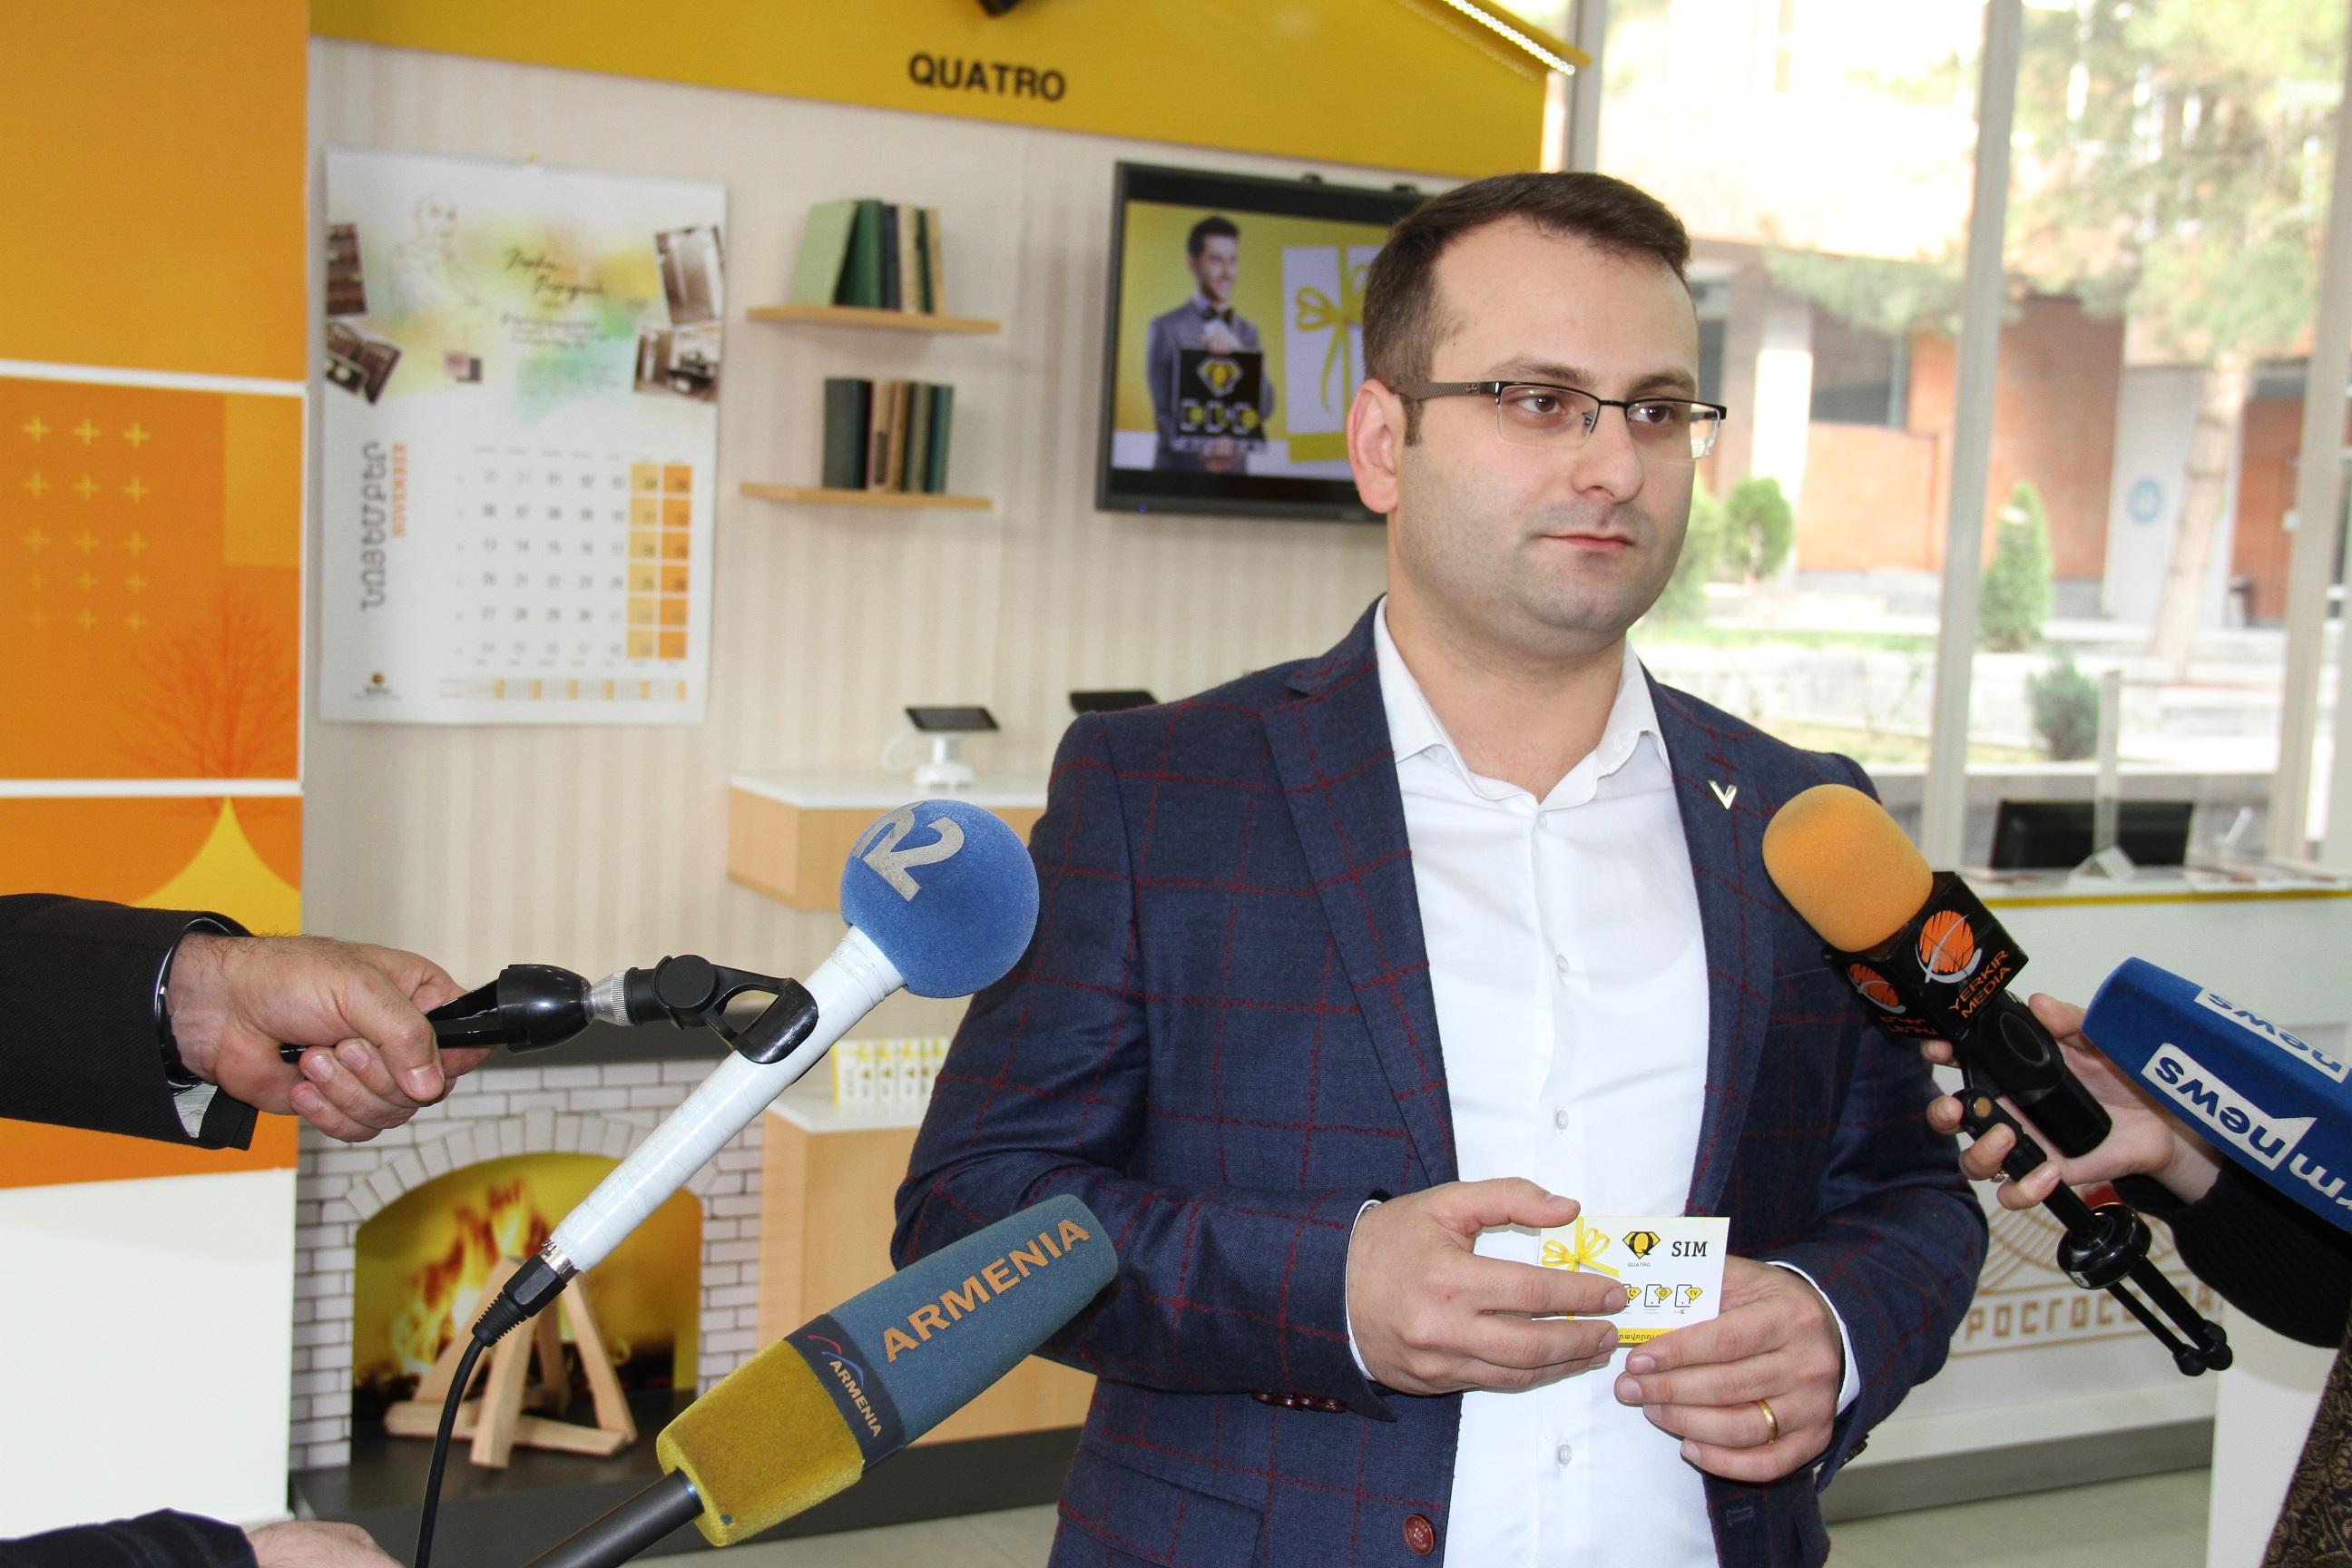 Quatro SIM-ը նոր հնարավորություններ է տալիս ամբողջ ընտանիքին